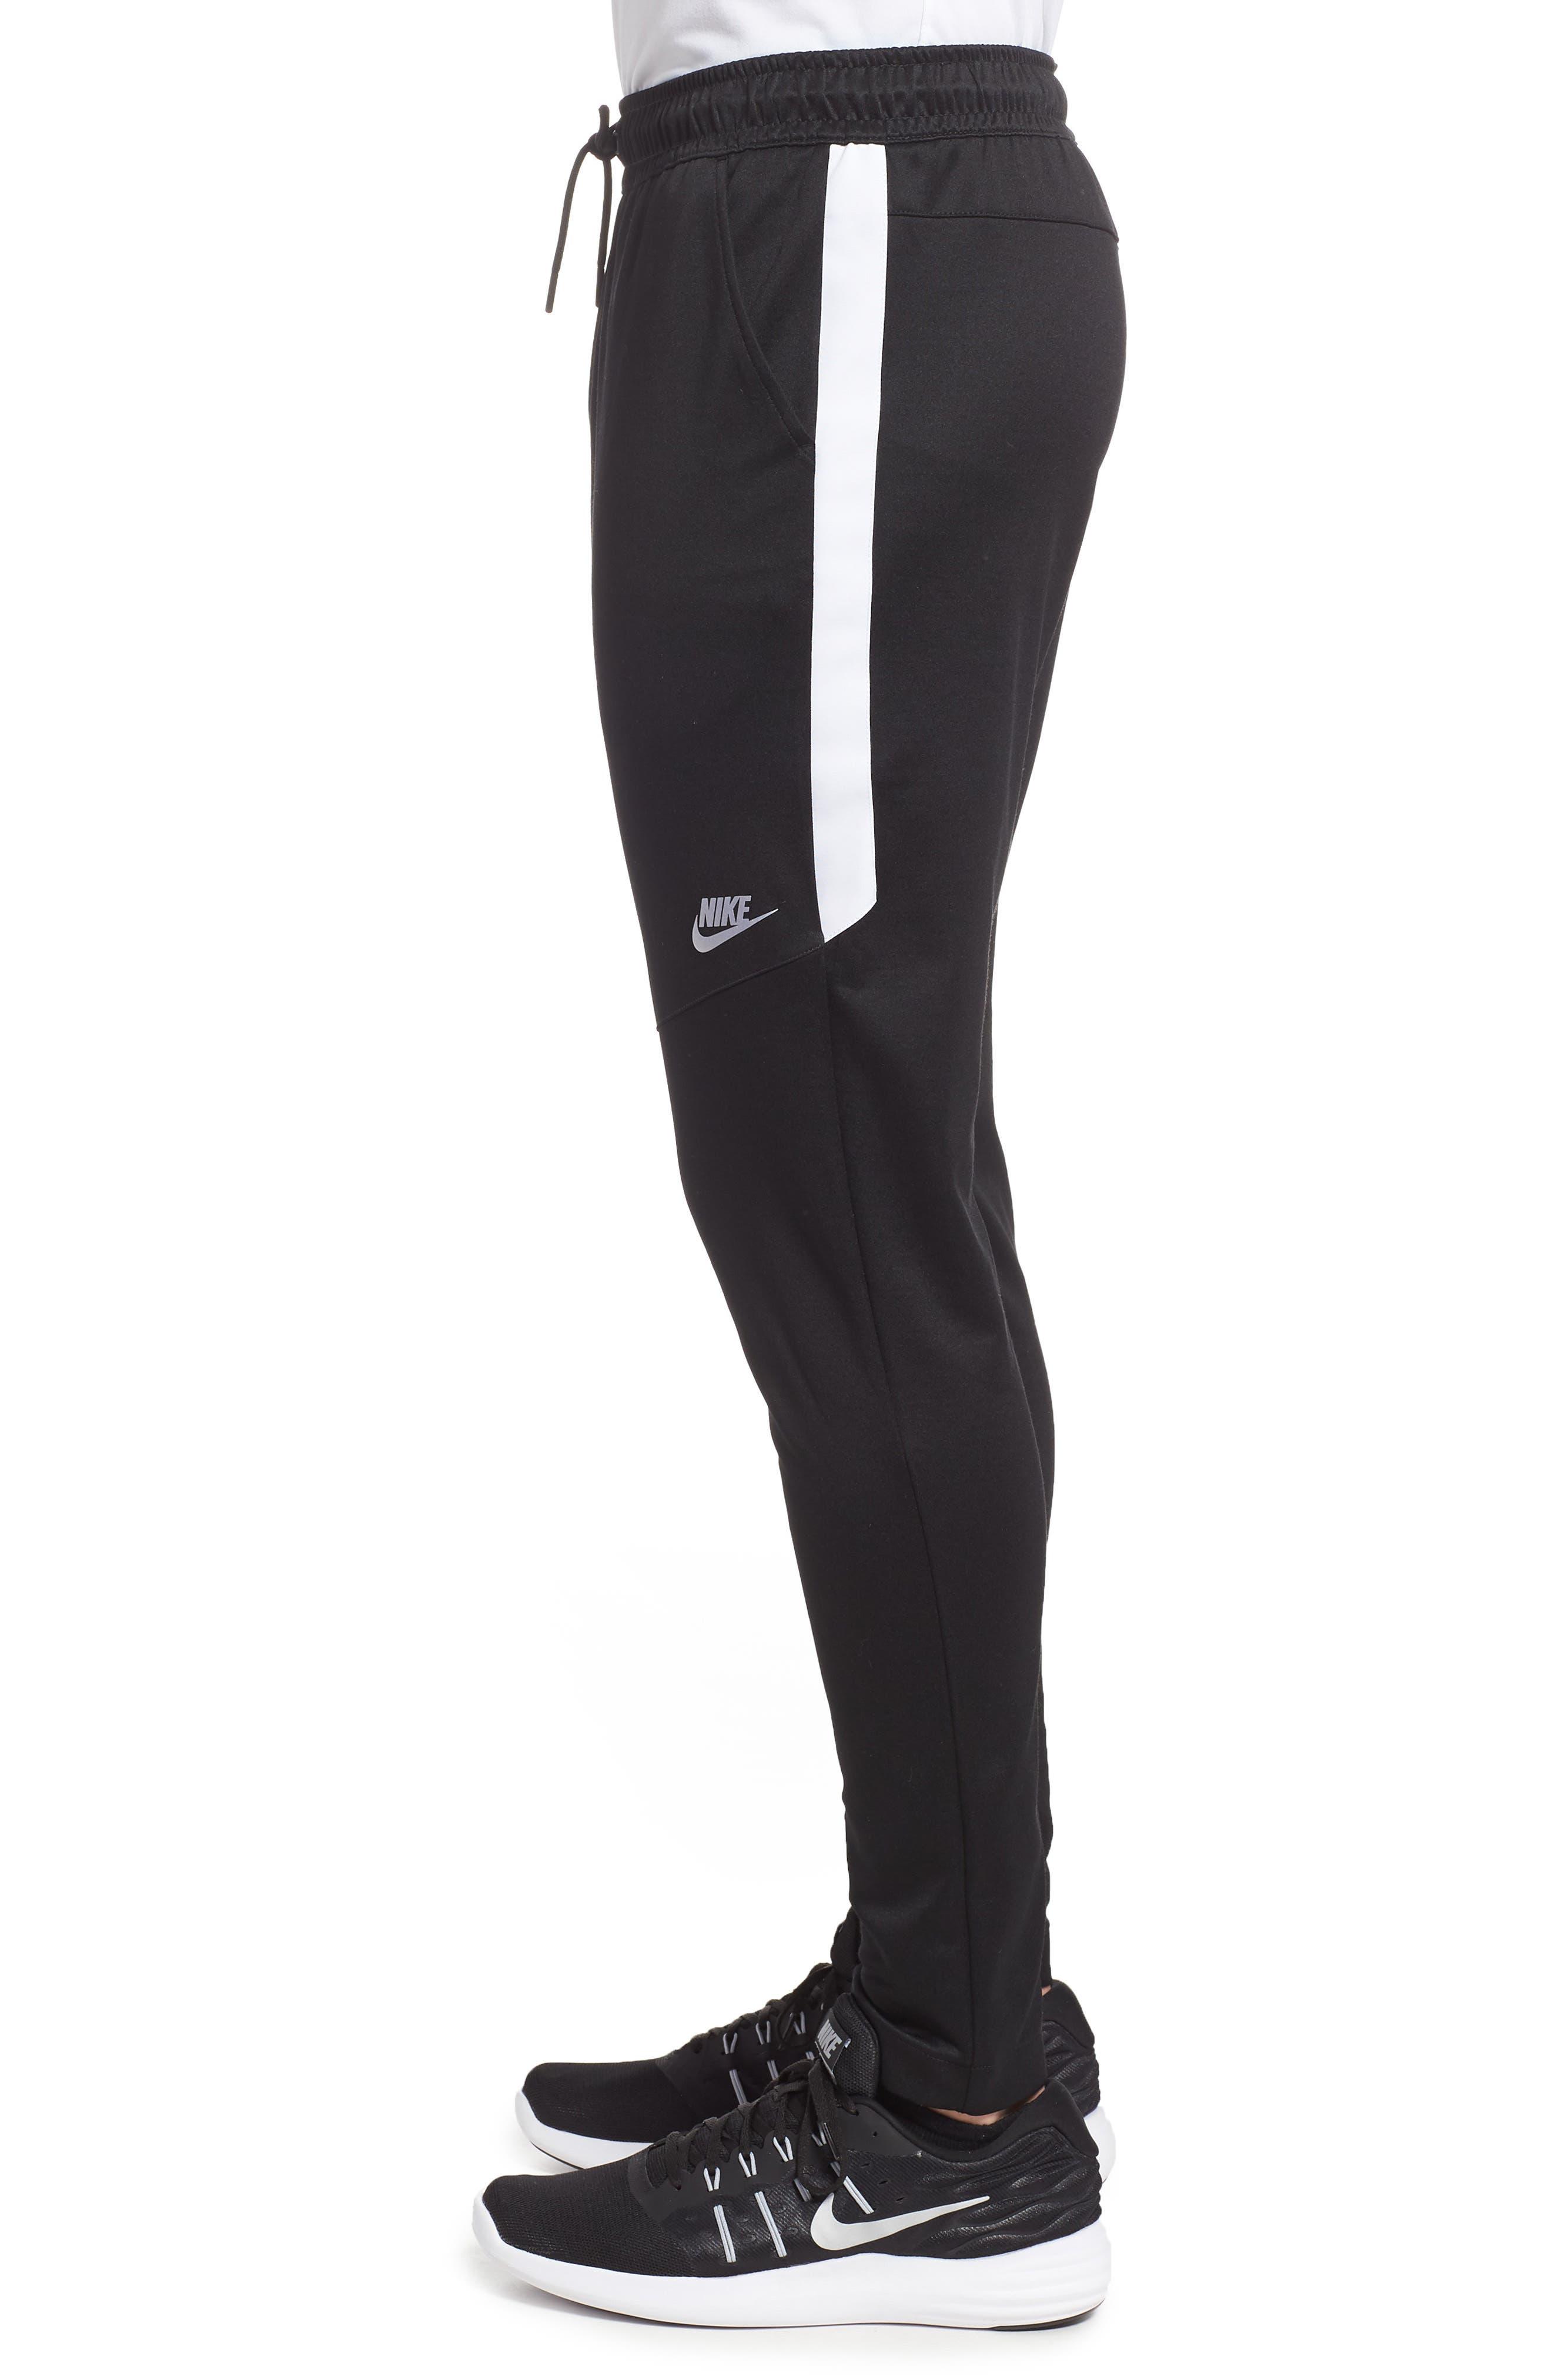 NSW Tribute Jogger Pants,                             Alternate thumbnail 3, color,                             Black/ White/ White